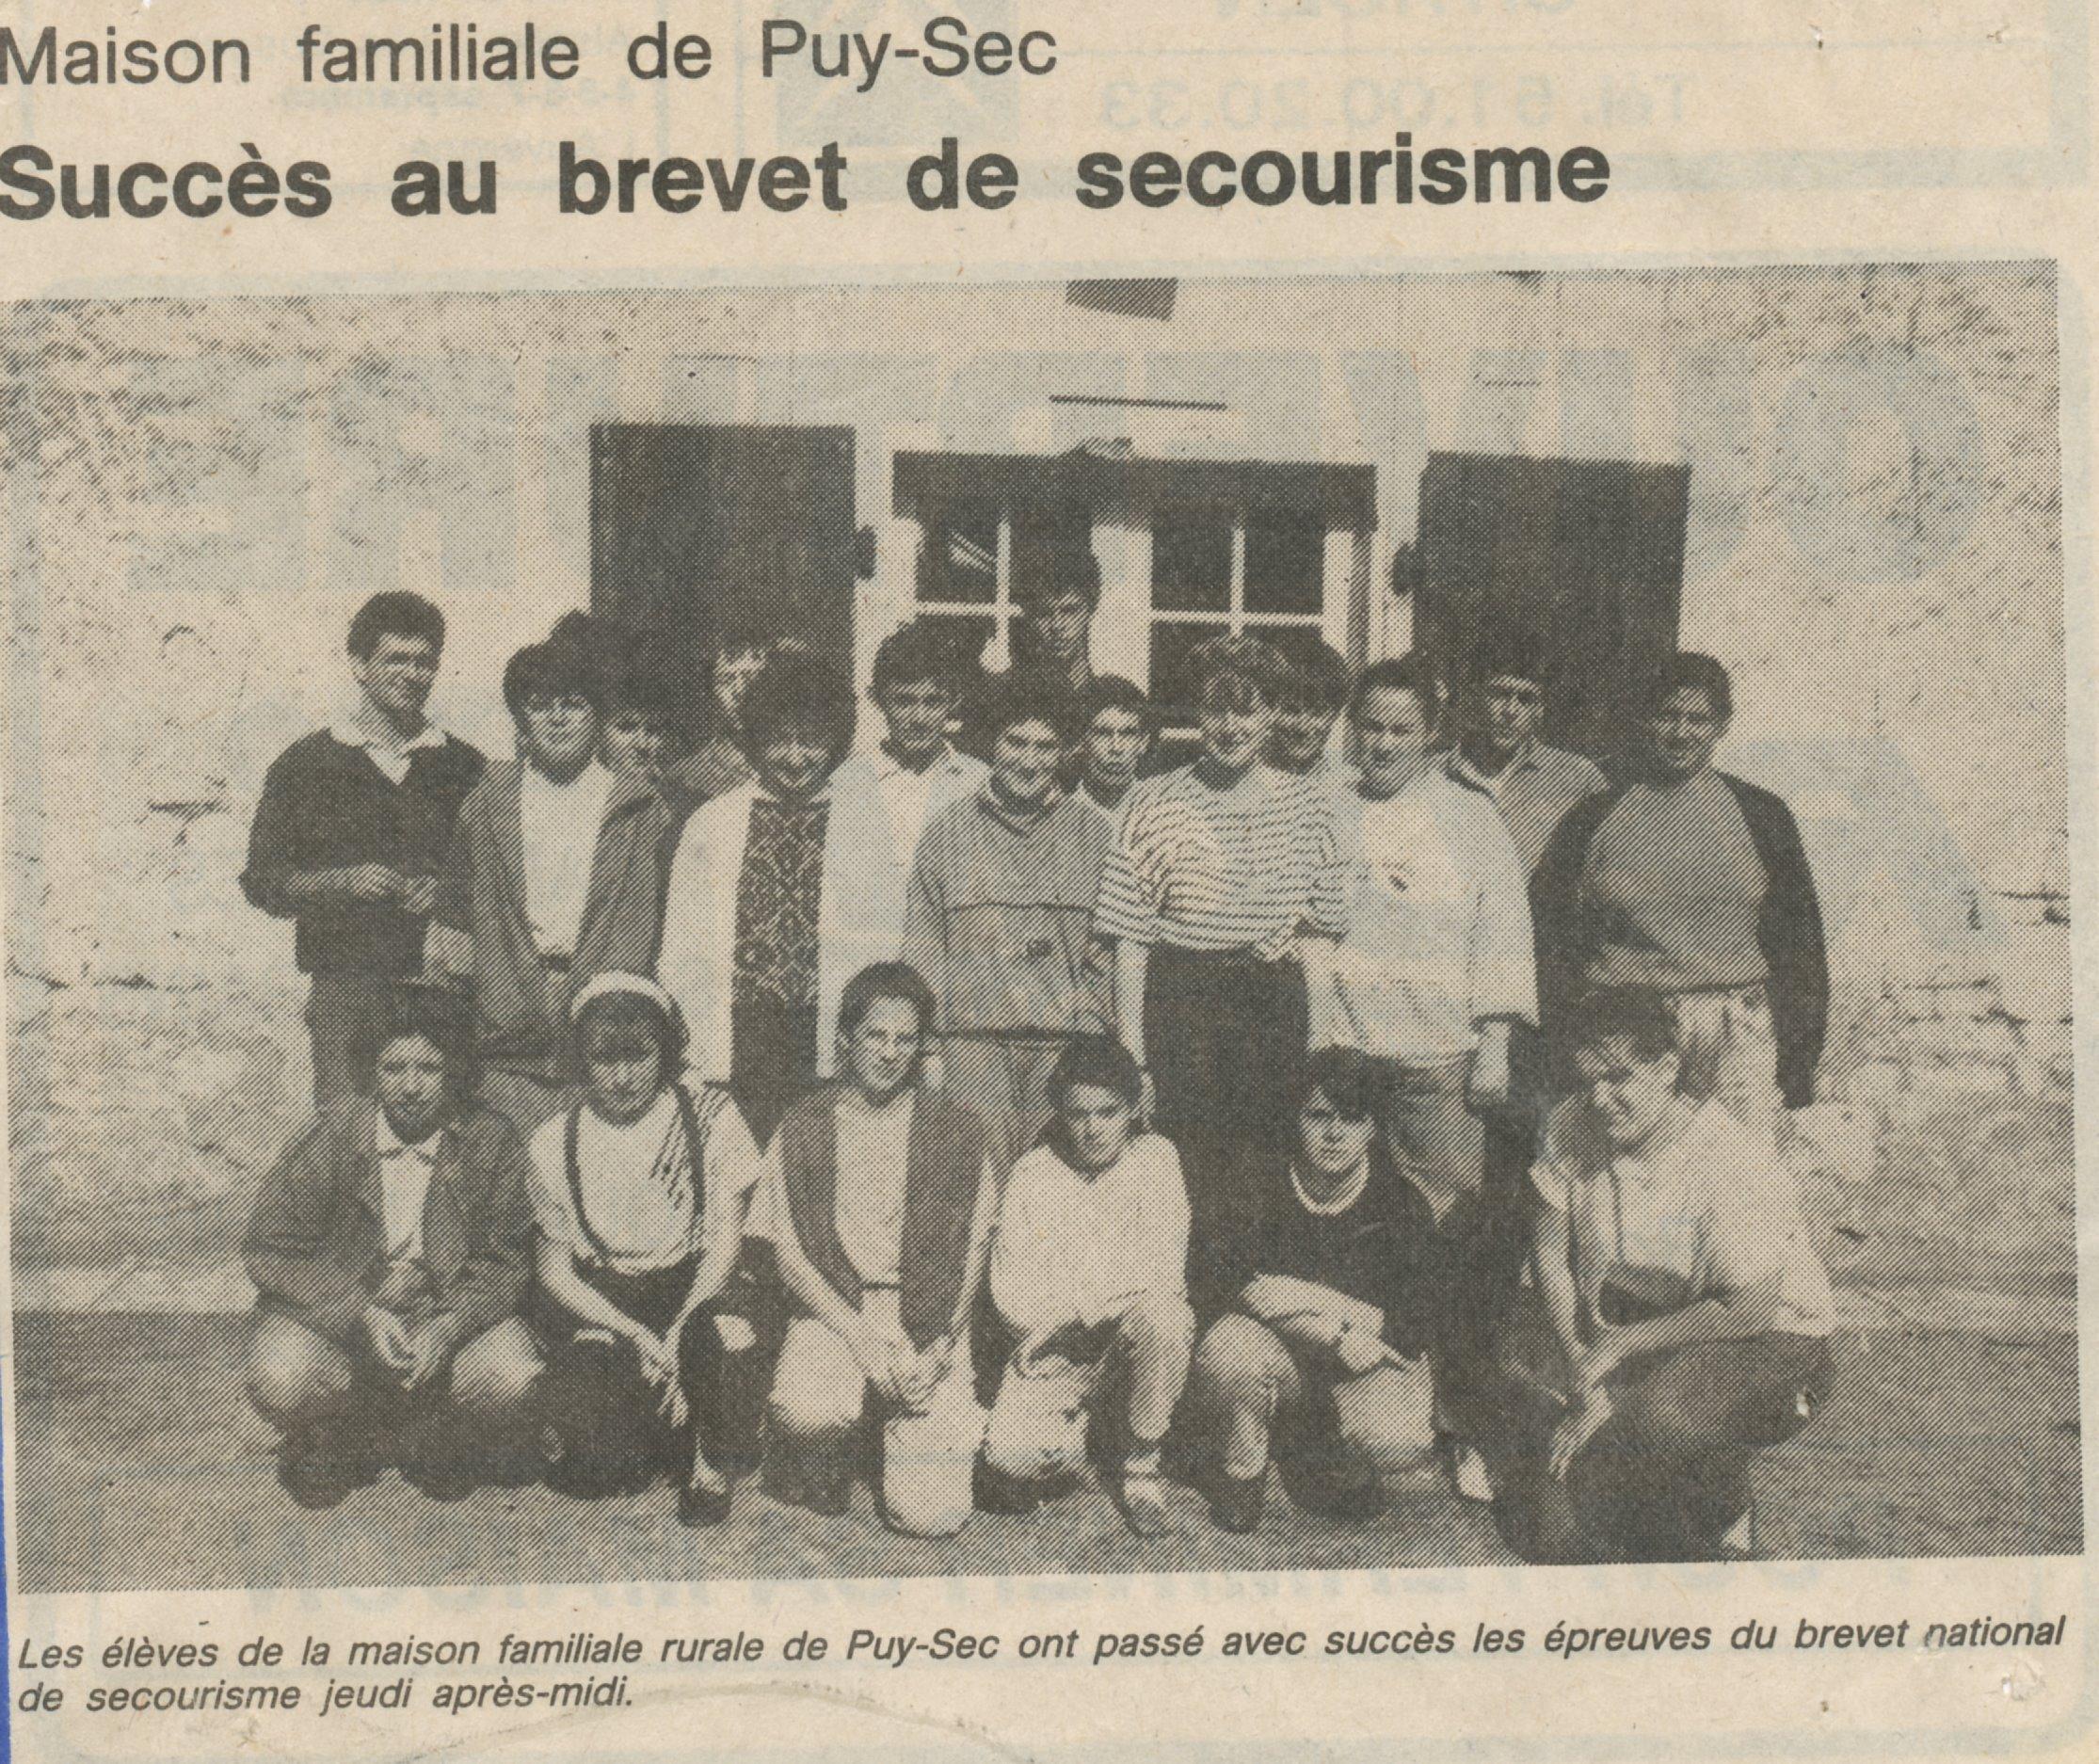 Archives anciens élèves mfr puy-sec 1986 (20)